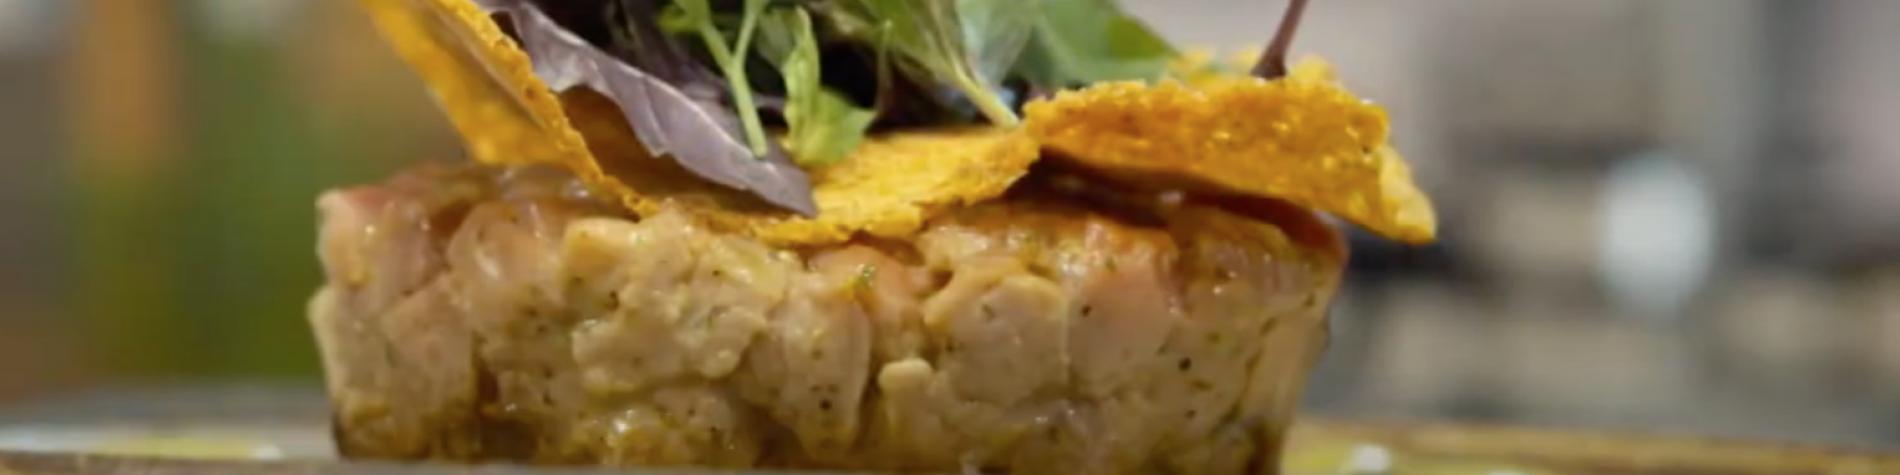 Recettes - cuisine - Julien Lapraille - tartare - mi cuit